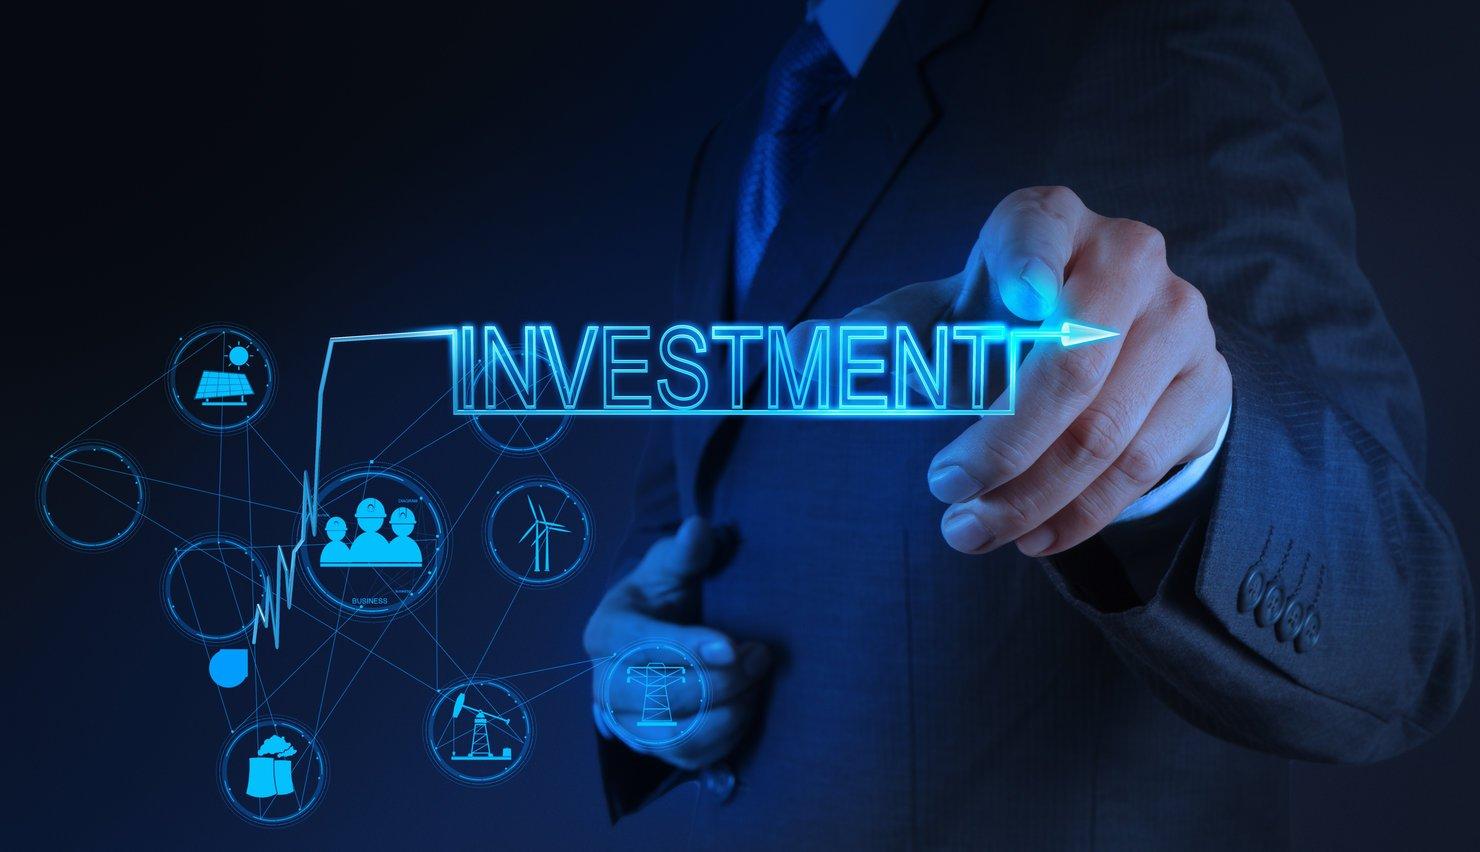 Peringkat Kenaikan Harga 10 Saham Terbaik Indonesia Sepanjang Masa Cara Mudah Transaksi Saham Secara Online Investasi Indo